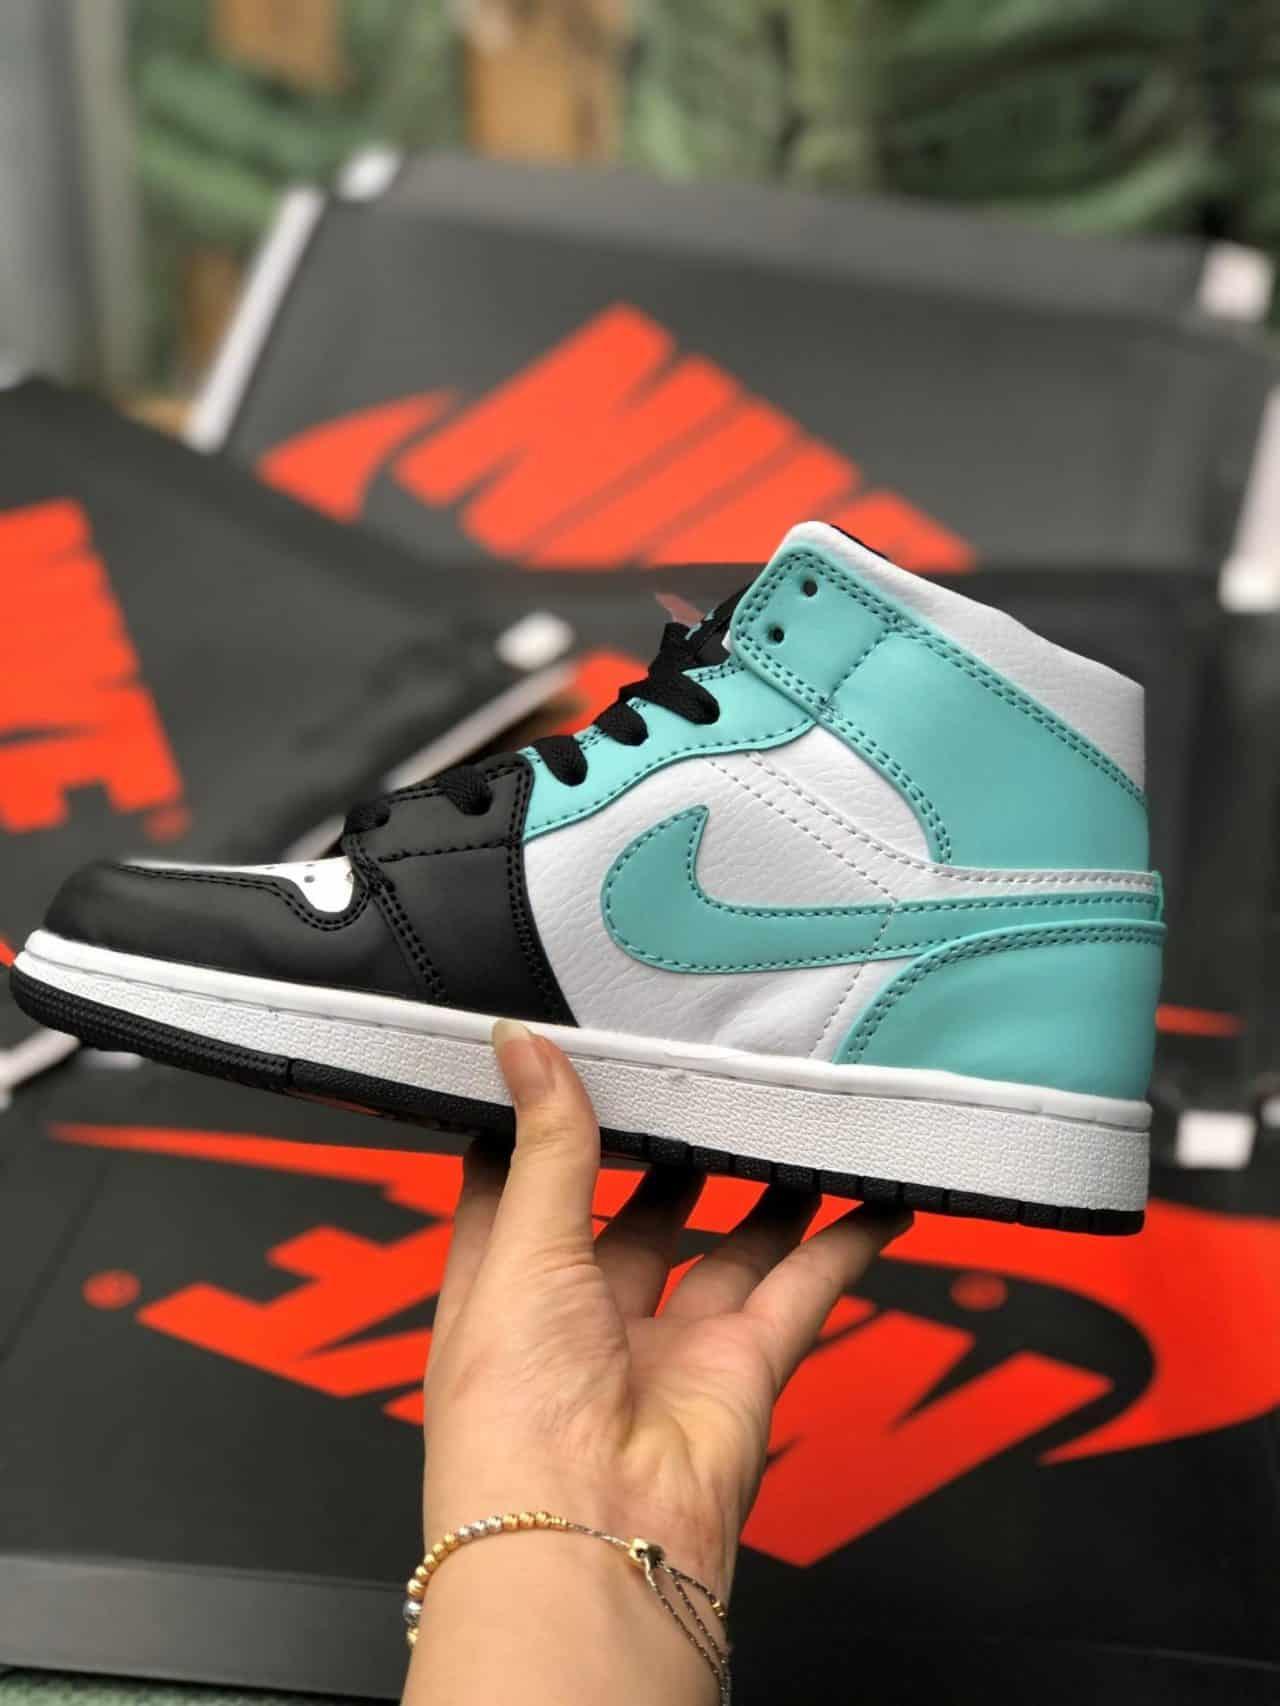 Giày Jordan 1 High Xanh Nhạt rep 1:1 được gia công tỉ mỉ, chau truốt